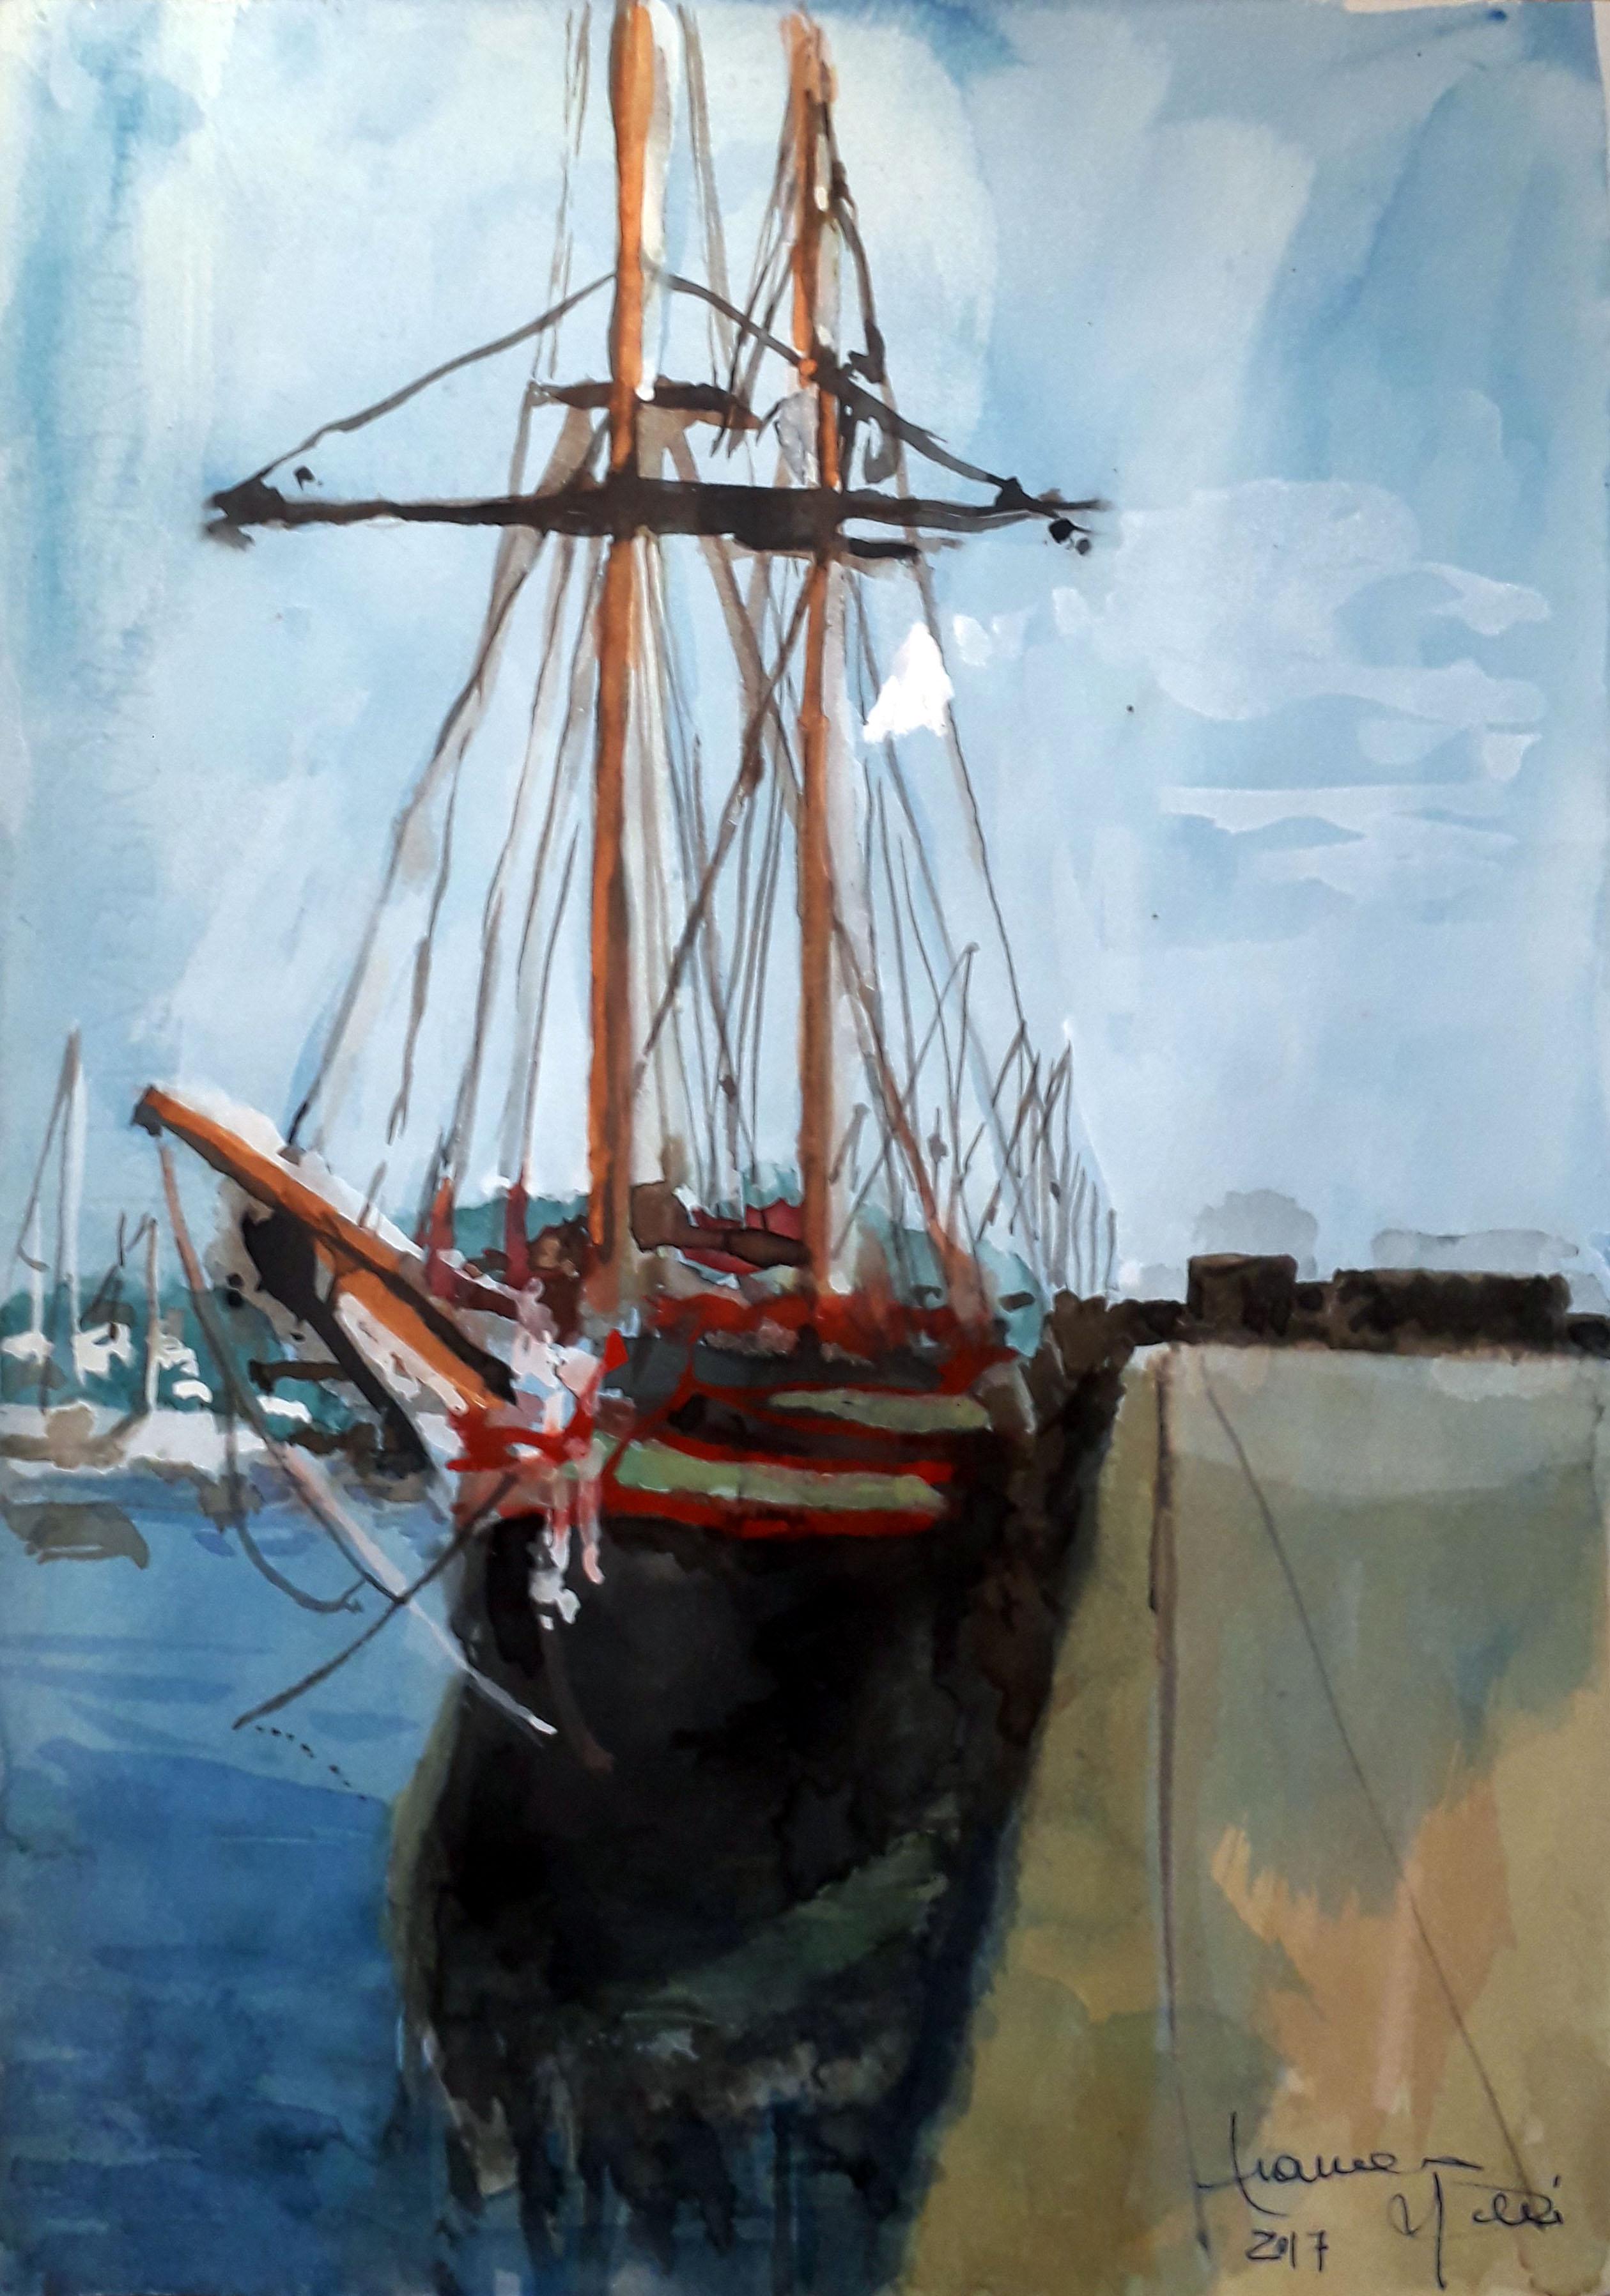 Franco Neri – Antico vascello a La Spezia